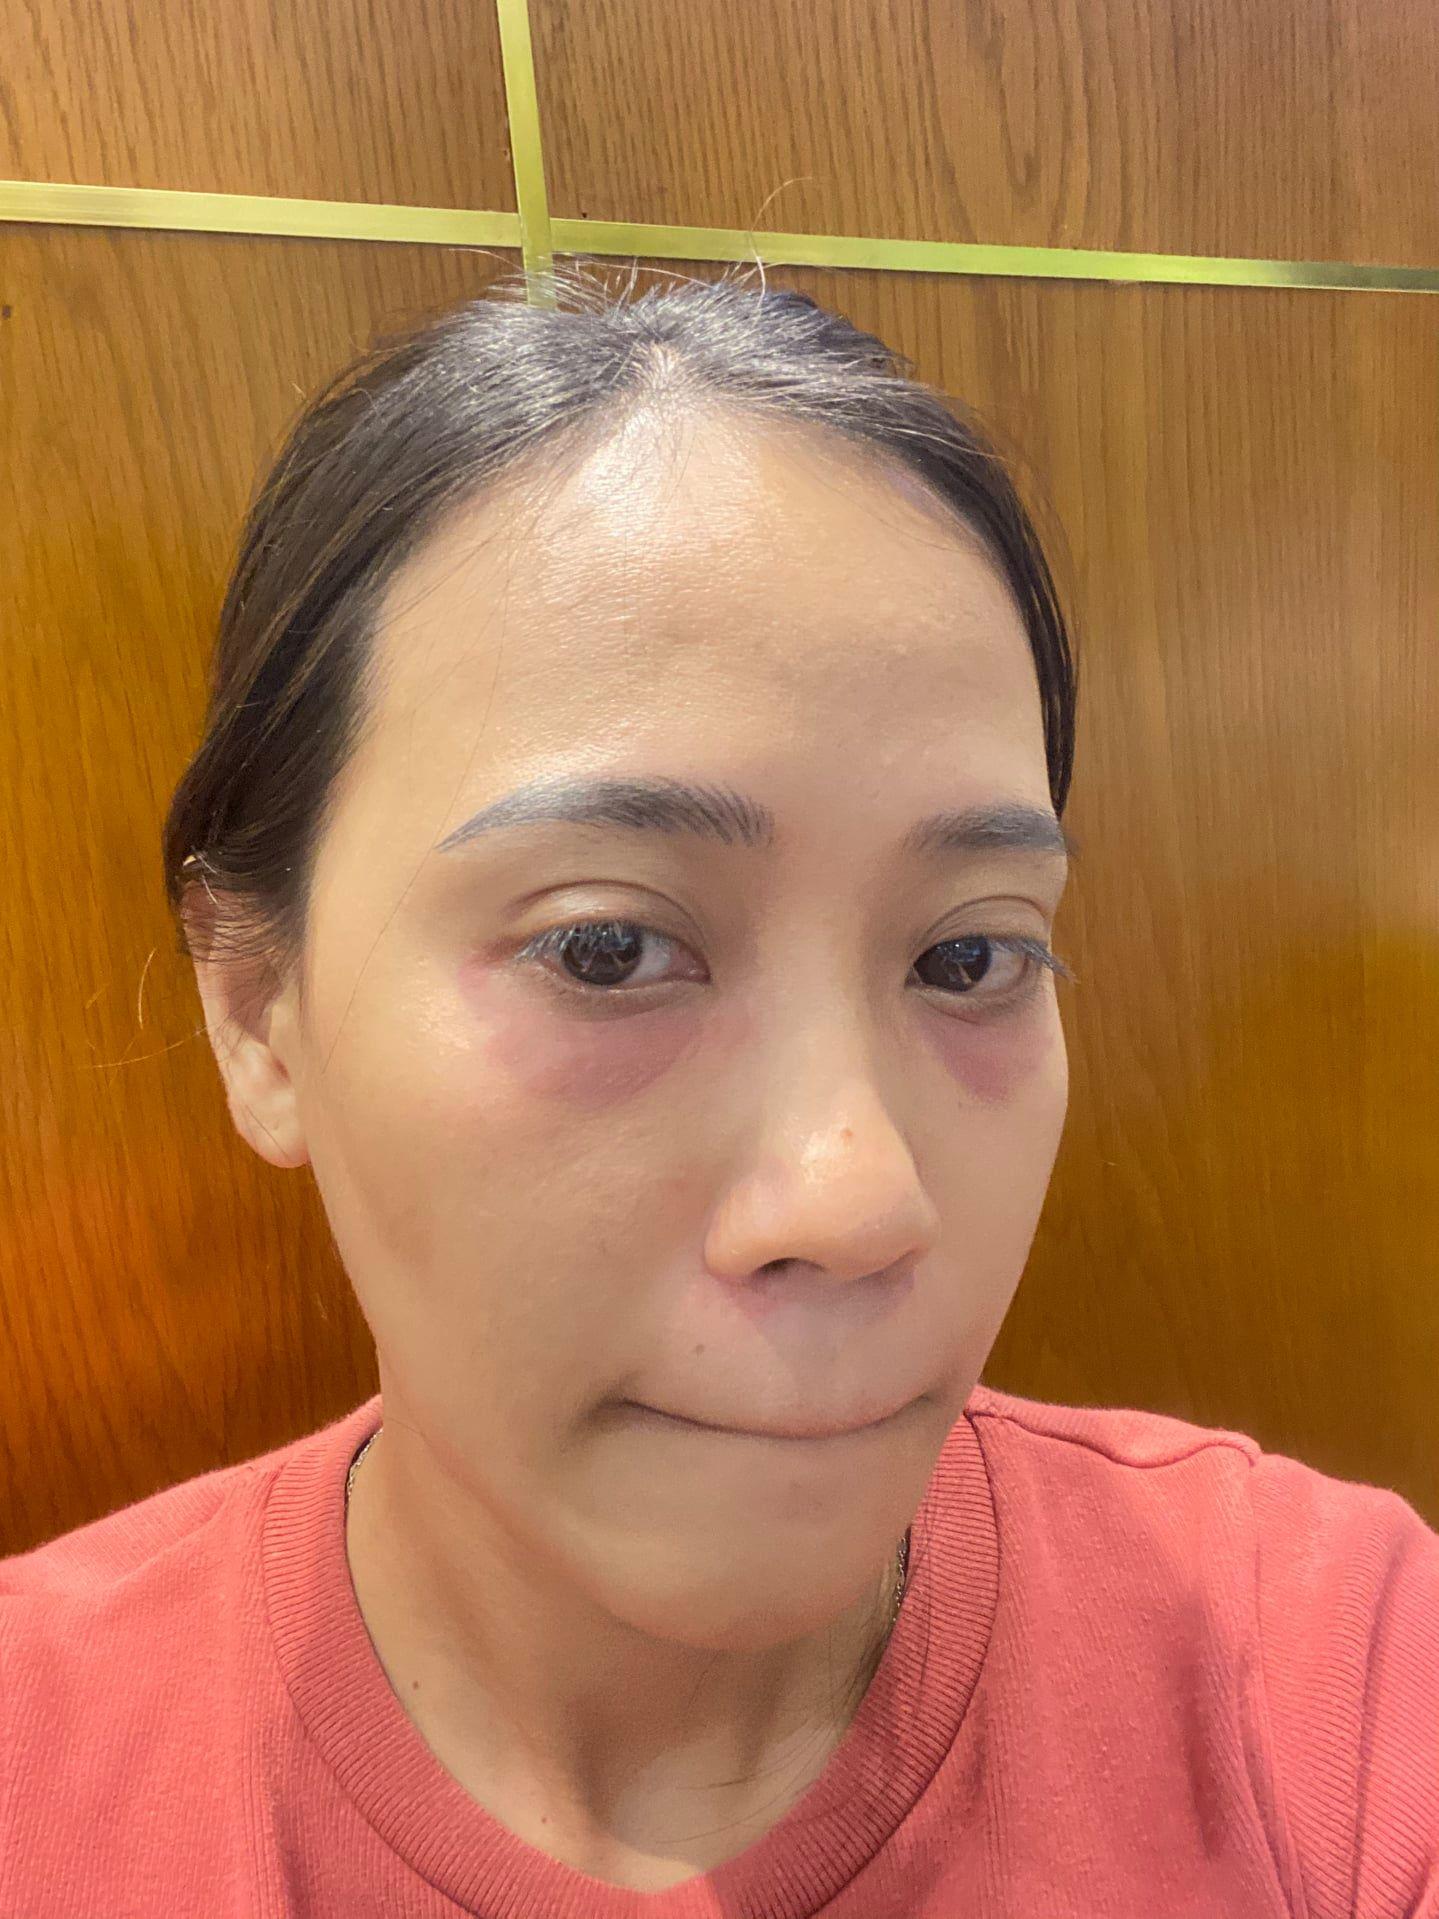 Nghe cô nàng review tiêm trị thâm mắt: Chẳng đau bằng nặn mụn, làm một loáng là xong mà cải thiện thấy rõ - Ảnh 6.